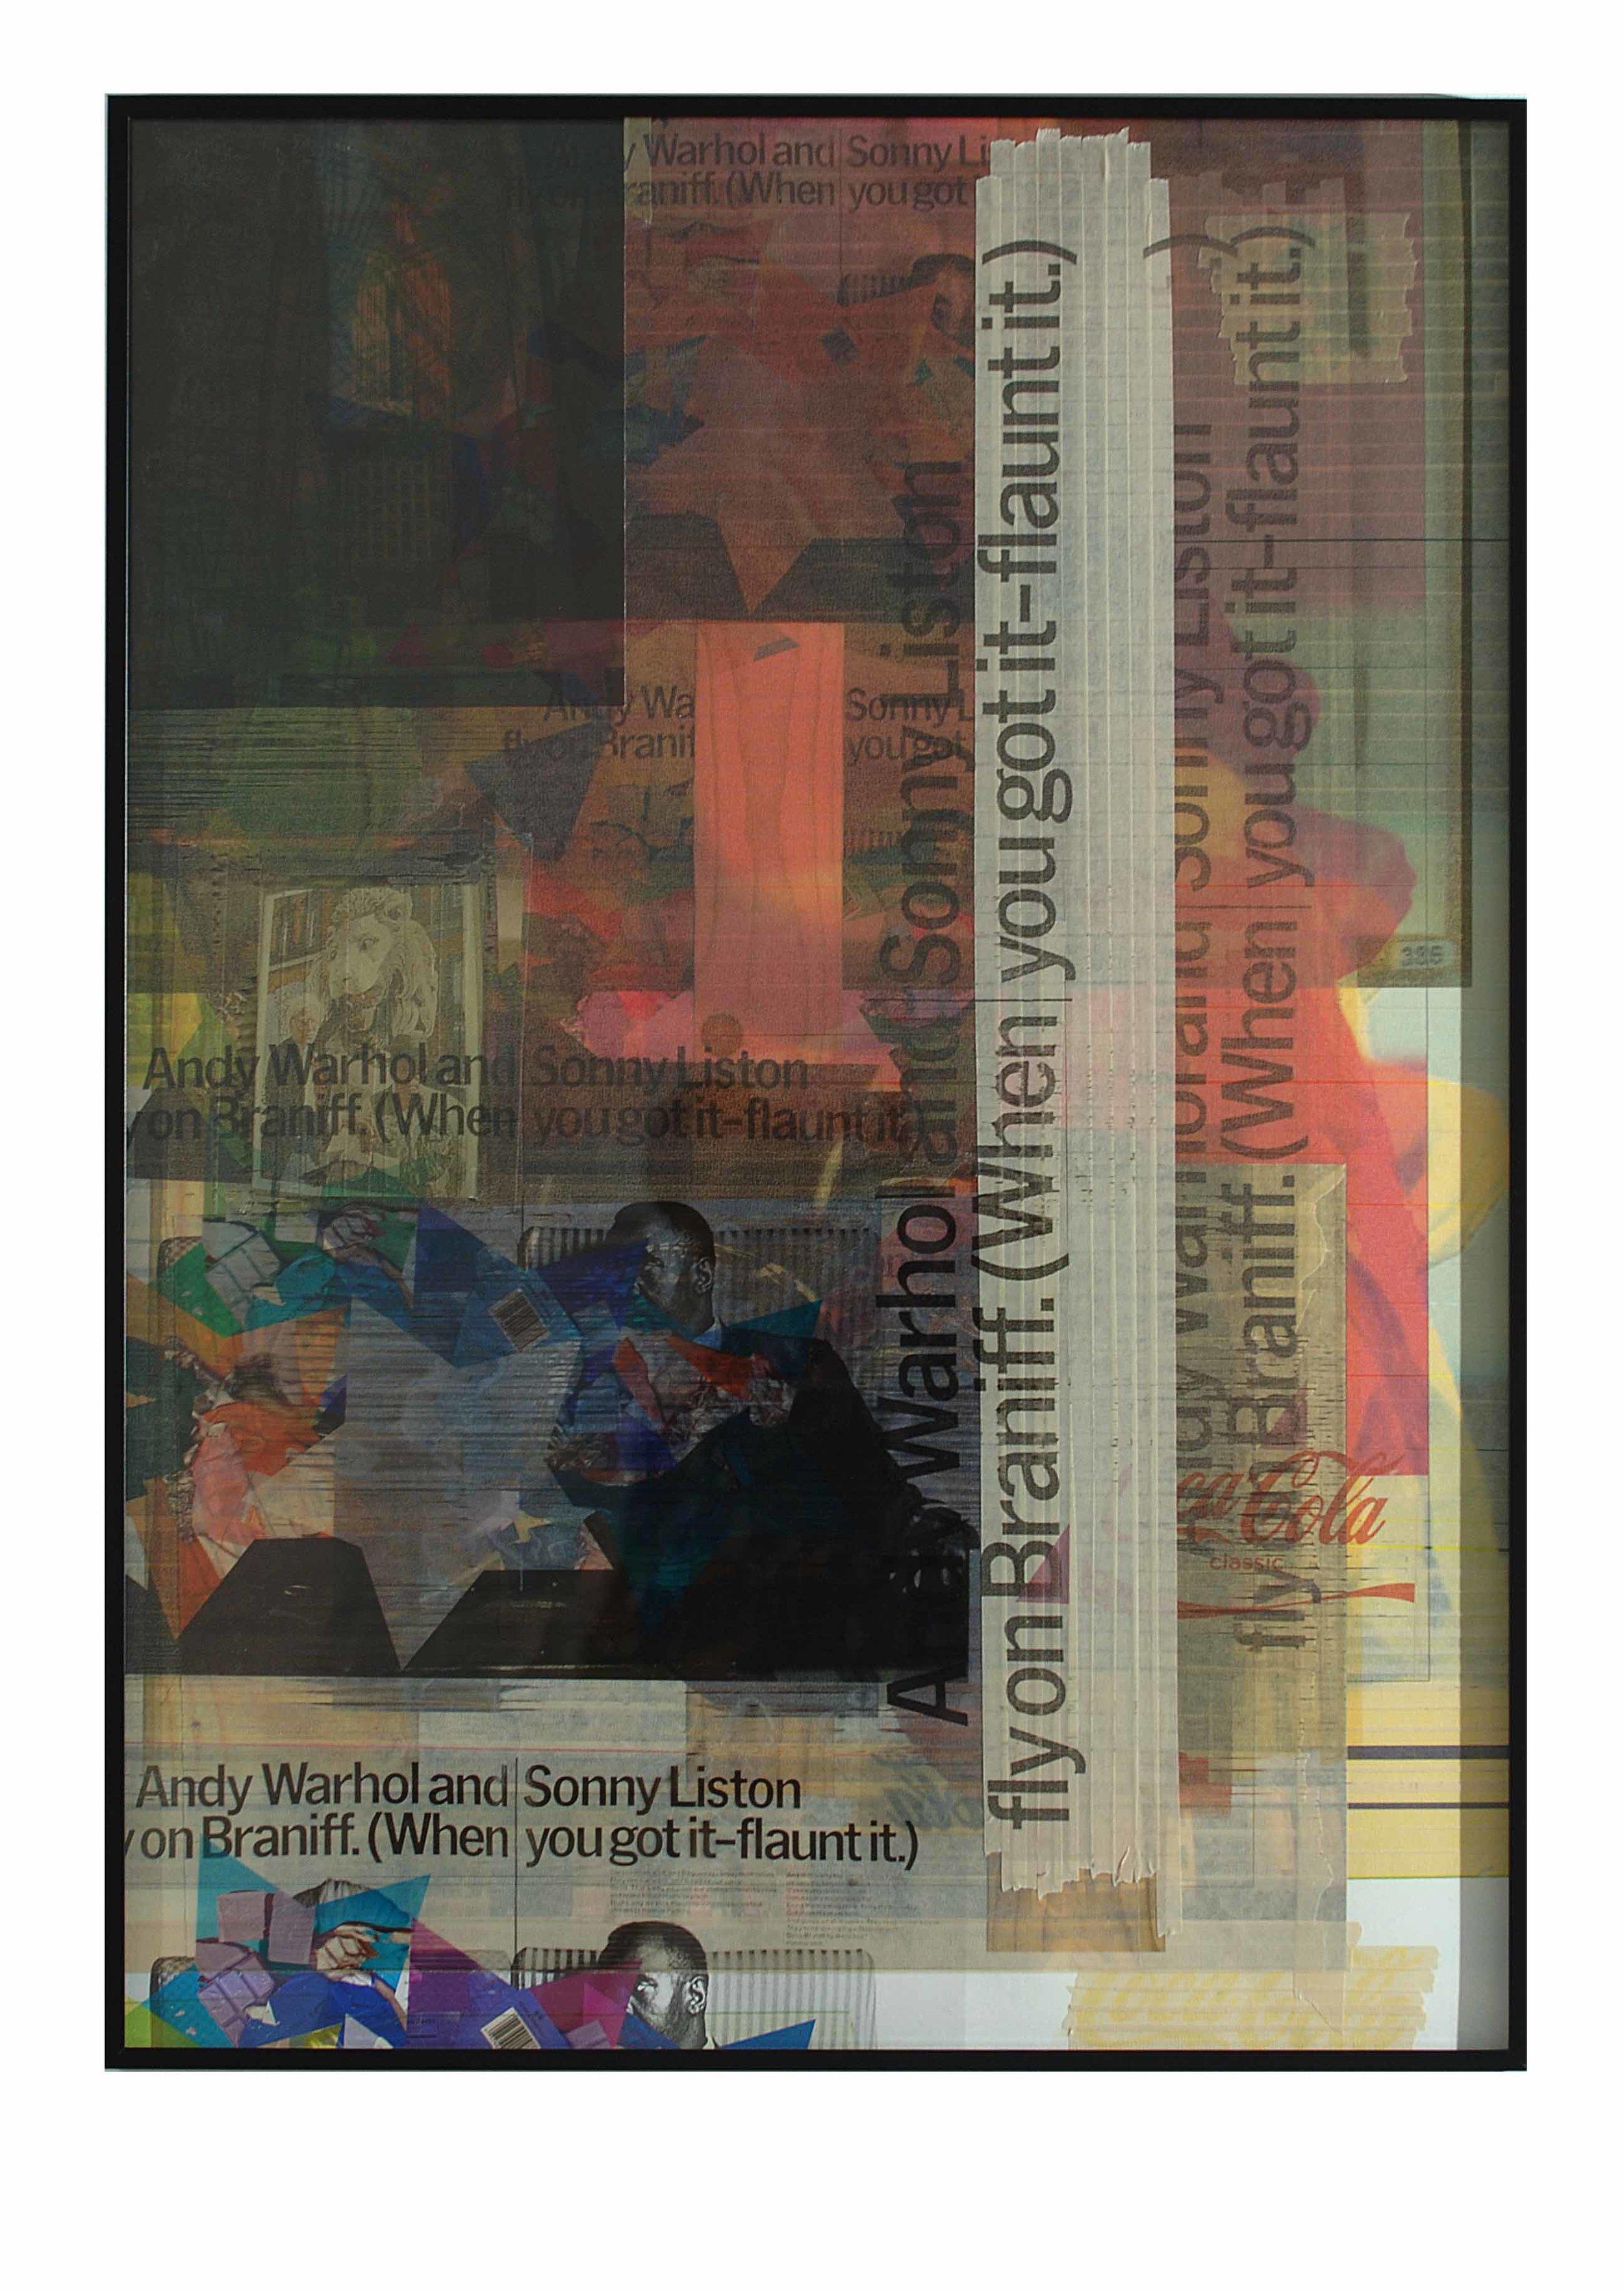 Kelley Walker,  Untitled Redux (Projet pour le Musée des Beaux-Arts, Nancy) , 2005, digital printing on newspaper, 24 sheets,98.7 x 71.1 cm